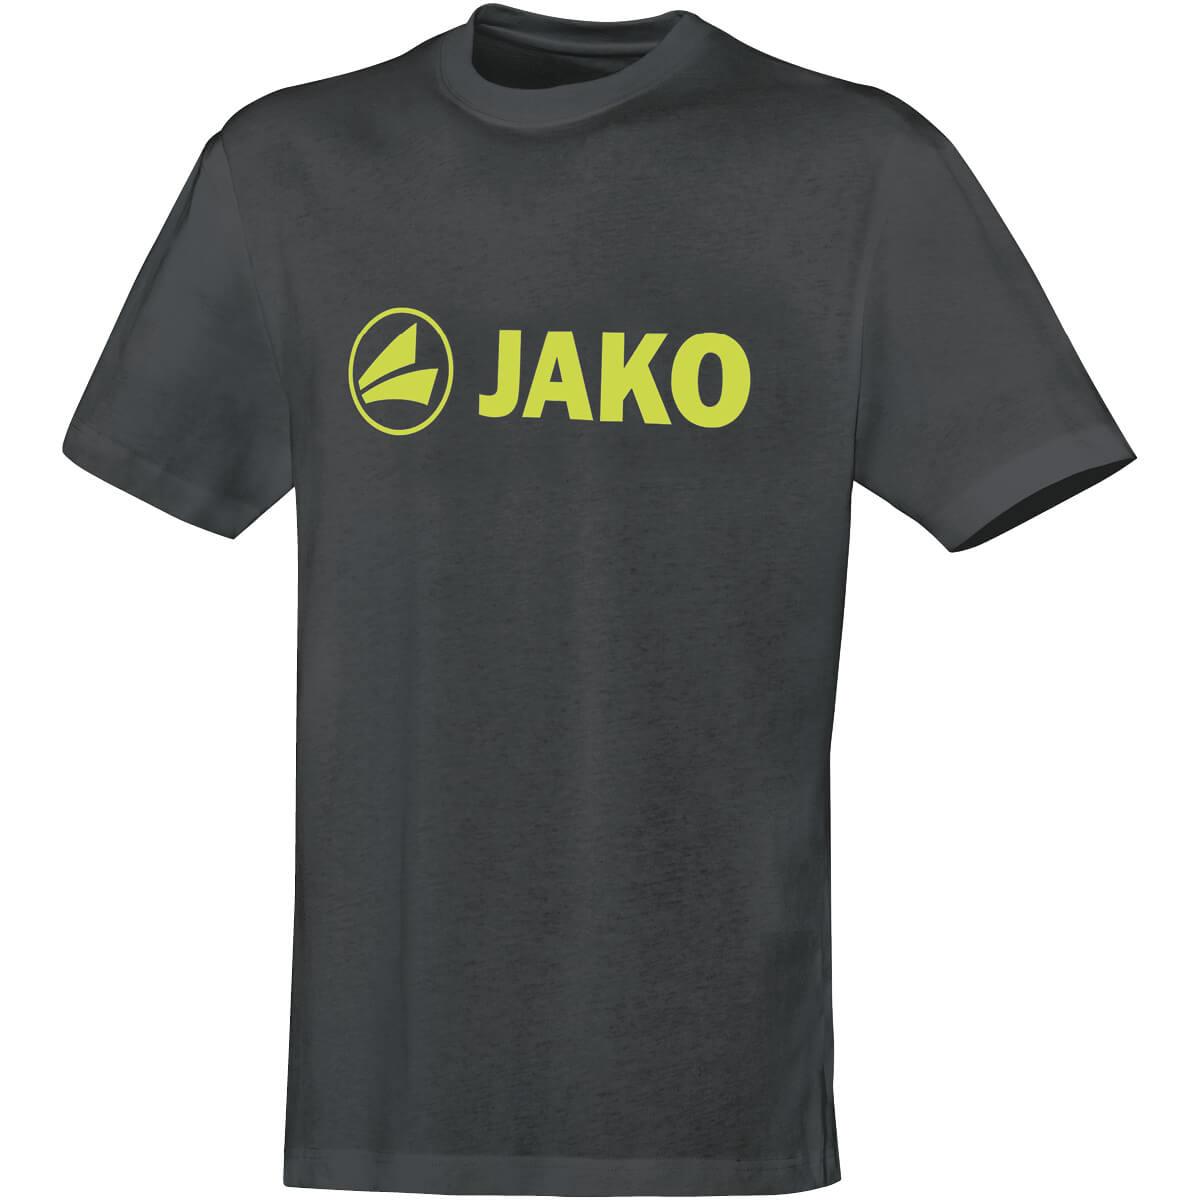 Jako T-Shirt Promo Kinder 6163  | div. Größen / Farben